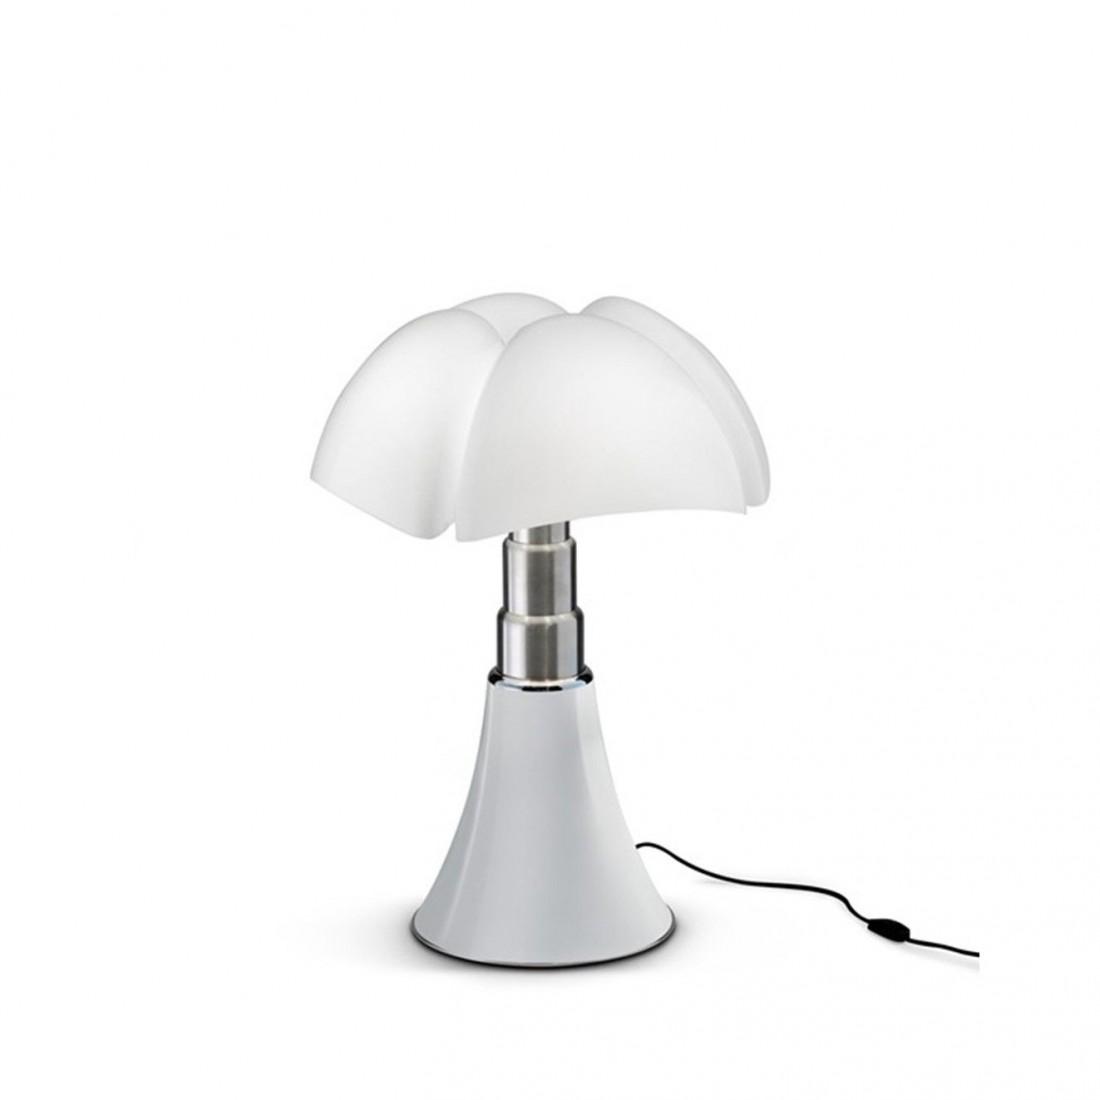 Lampe Mini Pipistrello Blanche - MARTINELLI LUCE